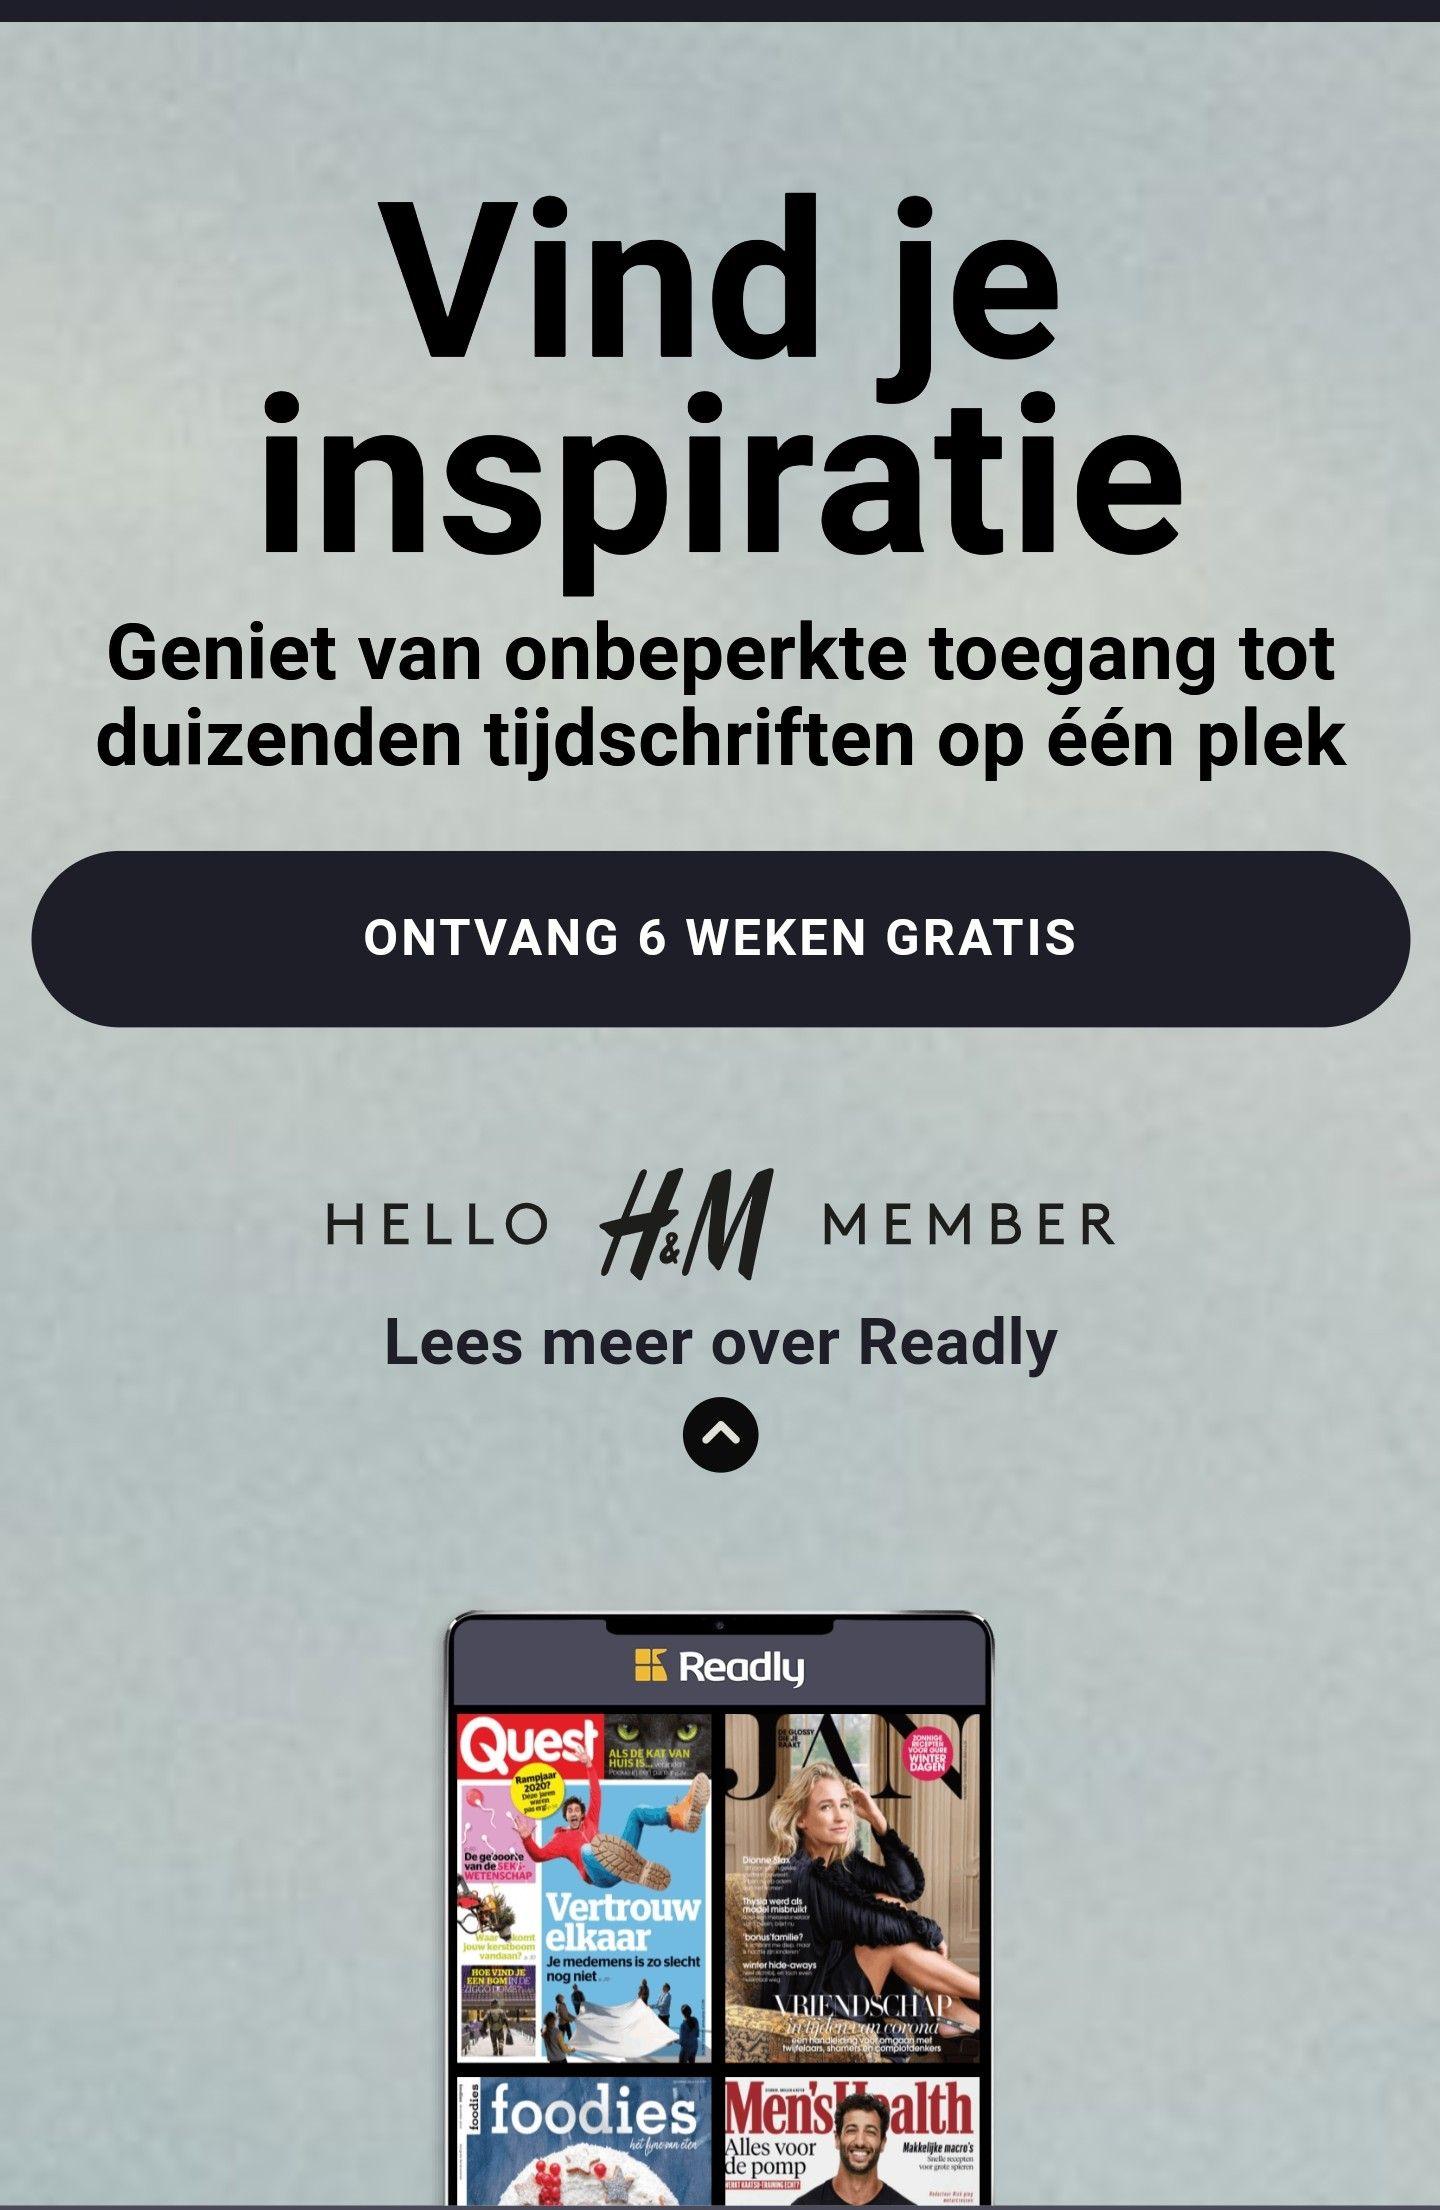 6 weken gratis Readly als H&M Member